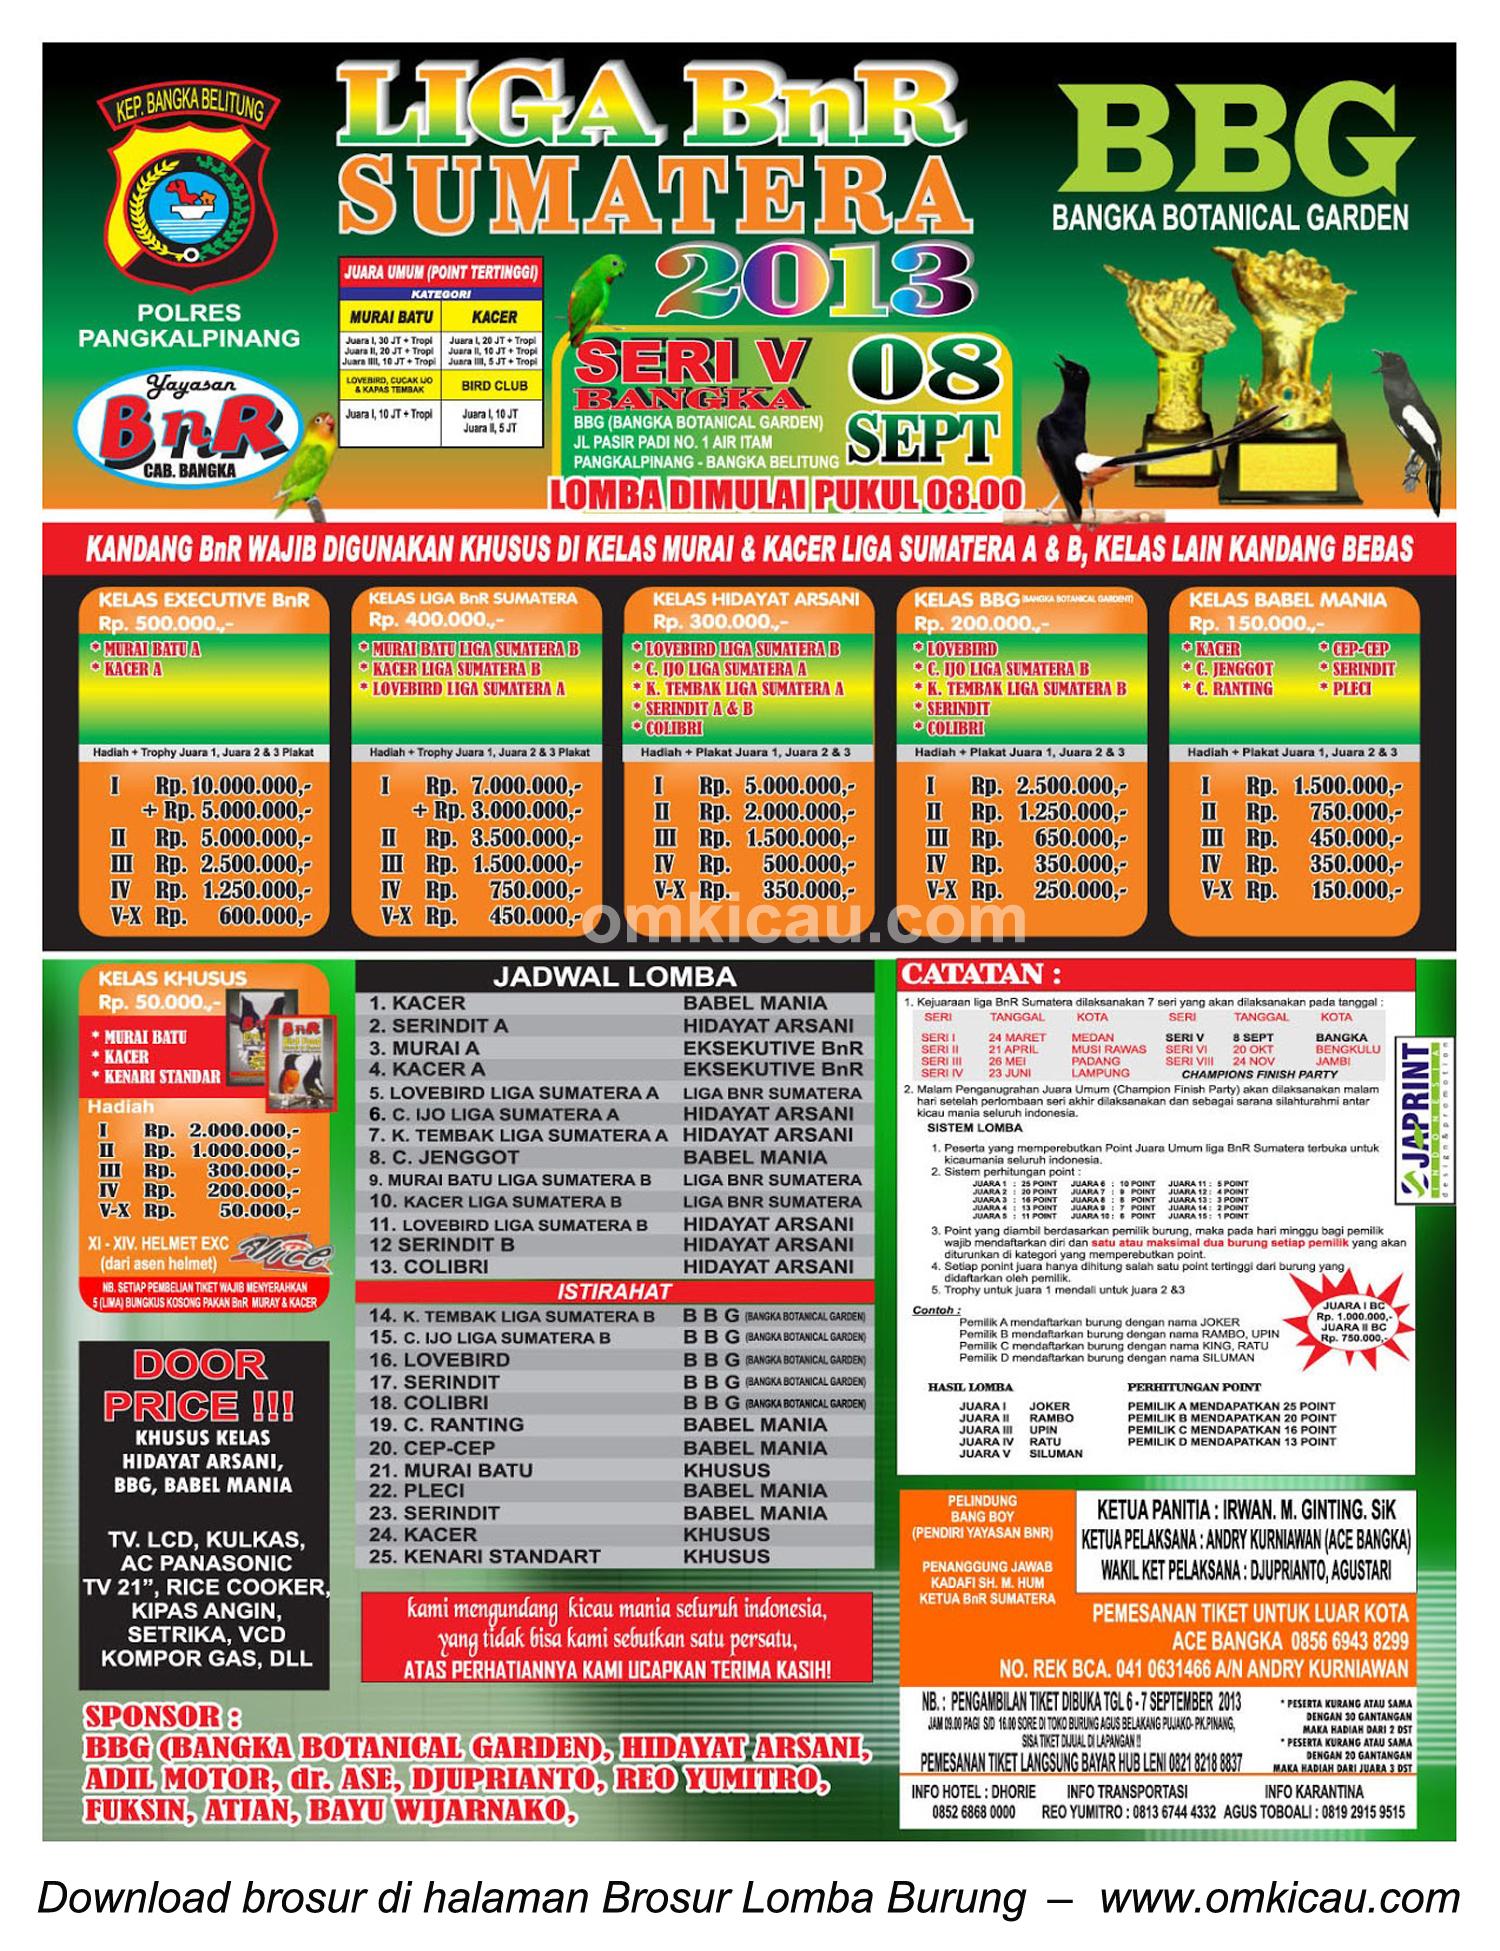 Brosur Lomba Burung Liga Sumatera Seri 5, Bangka, 8 September 2013